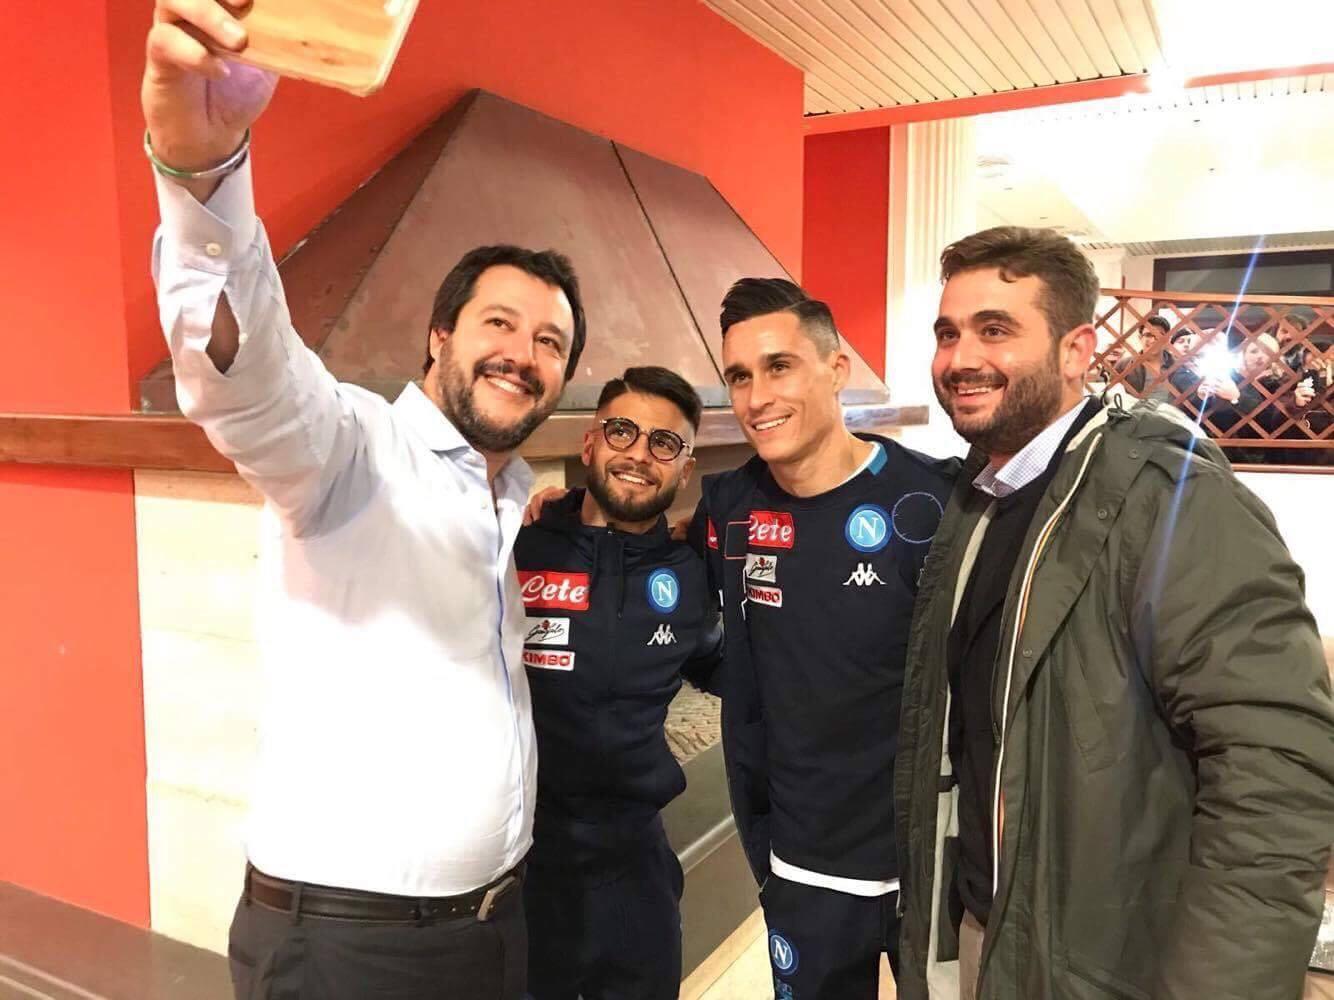 Il selfie pubblicato da Matteo Salvini sul suo profilo facebook